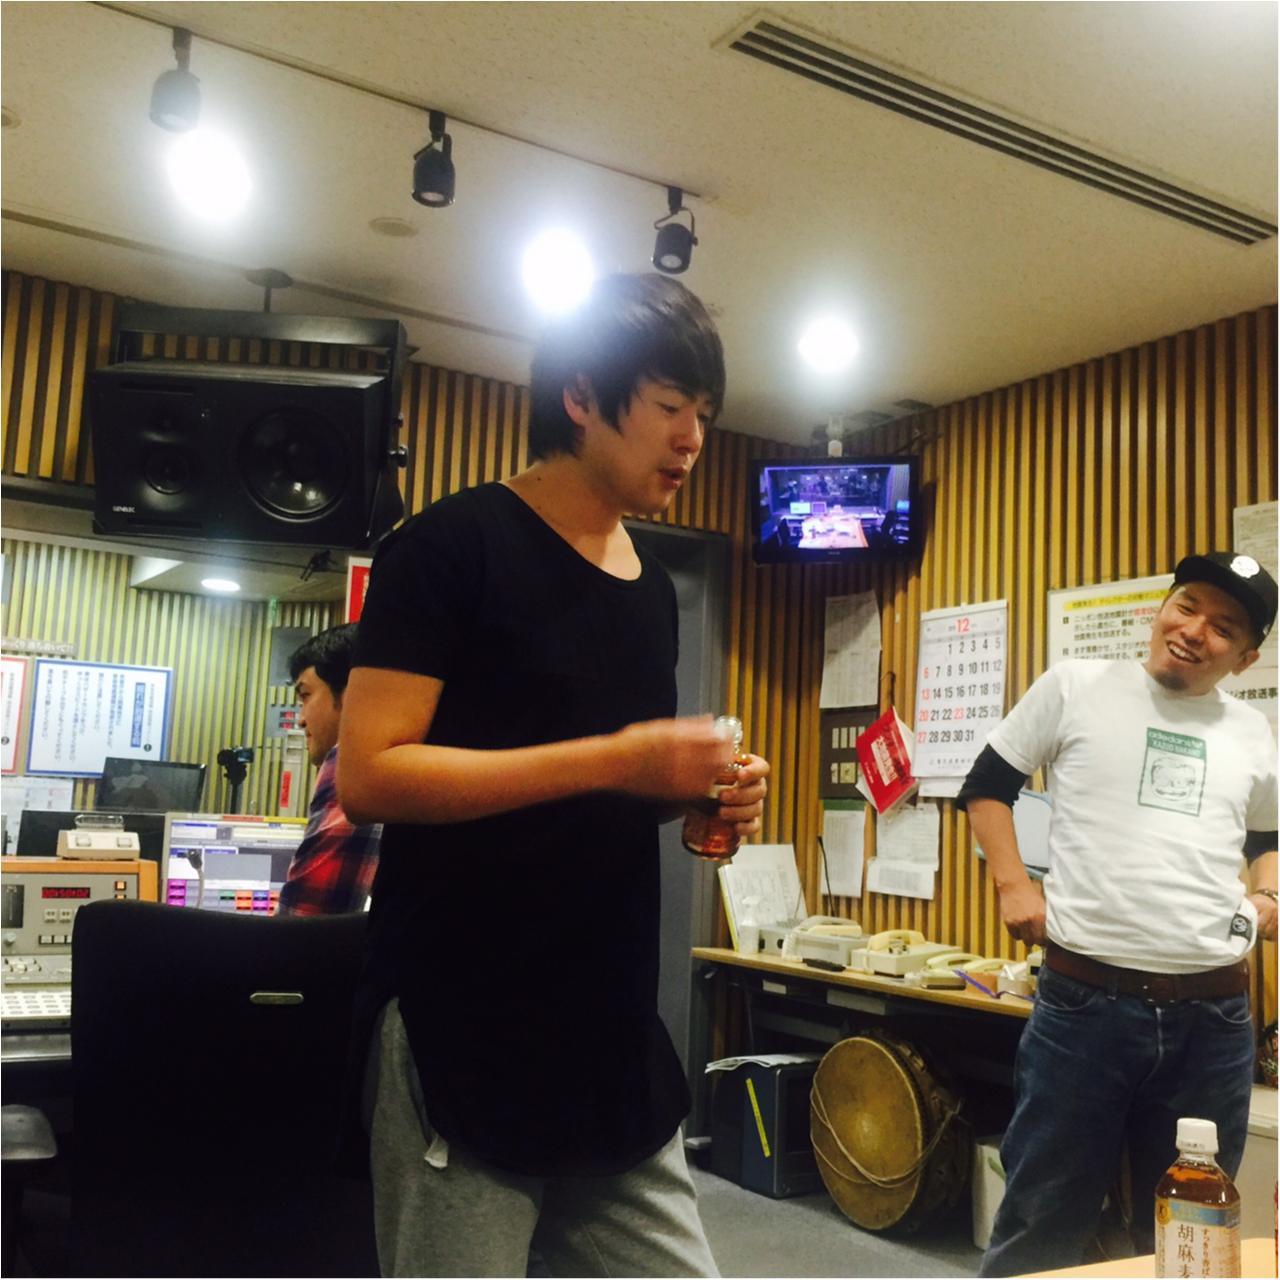 【ウラMORE】ウーマンラッシュ村本さんのラジオの裏側、突撃取材!_2